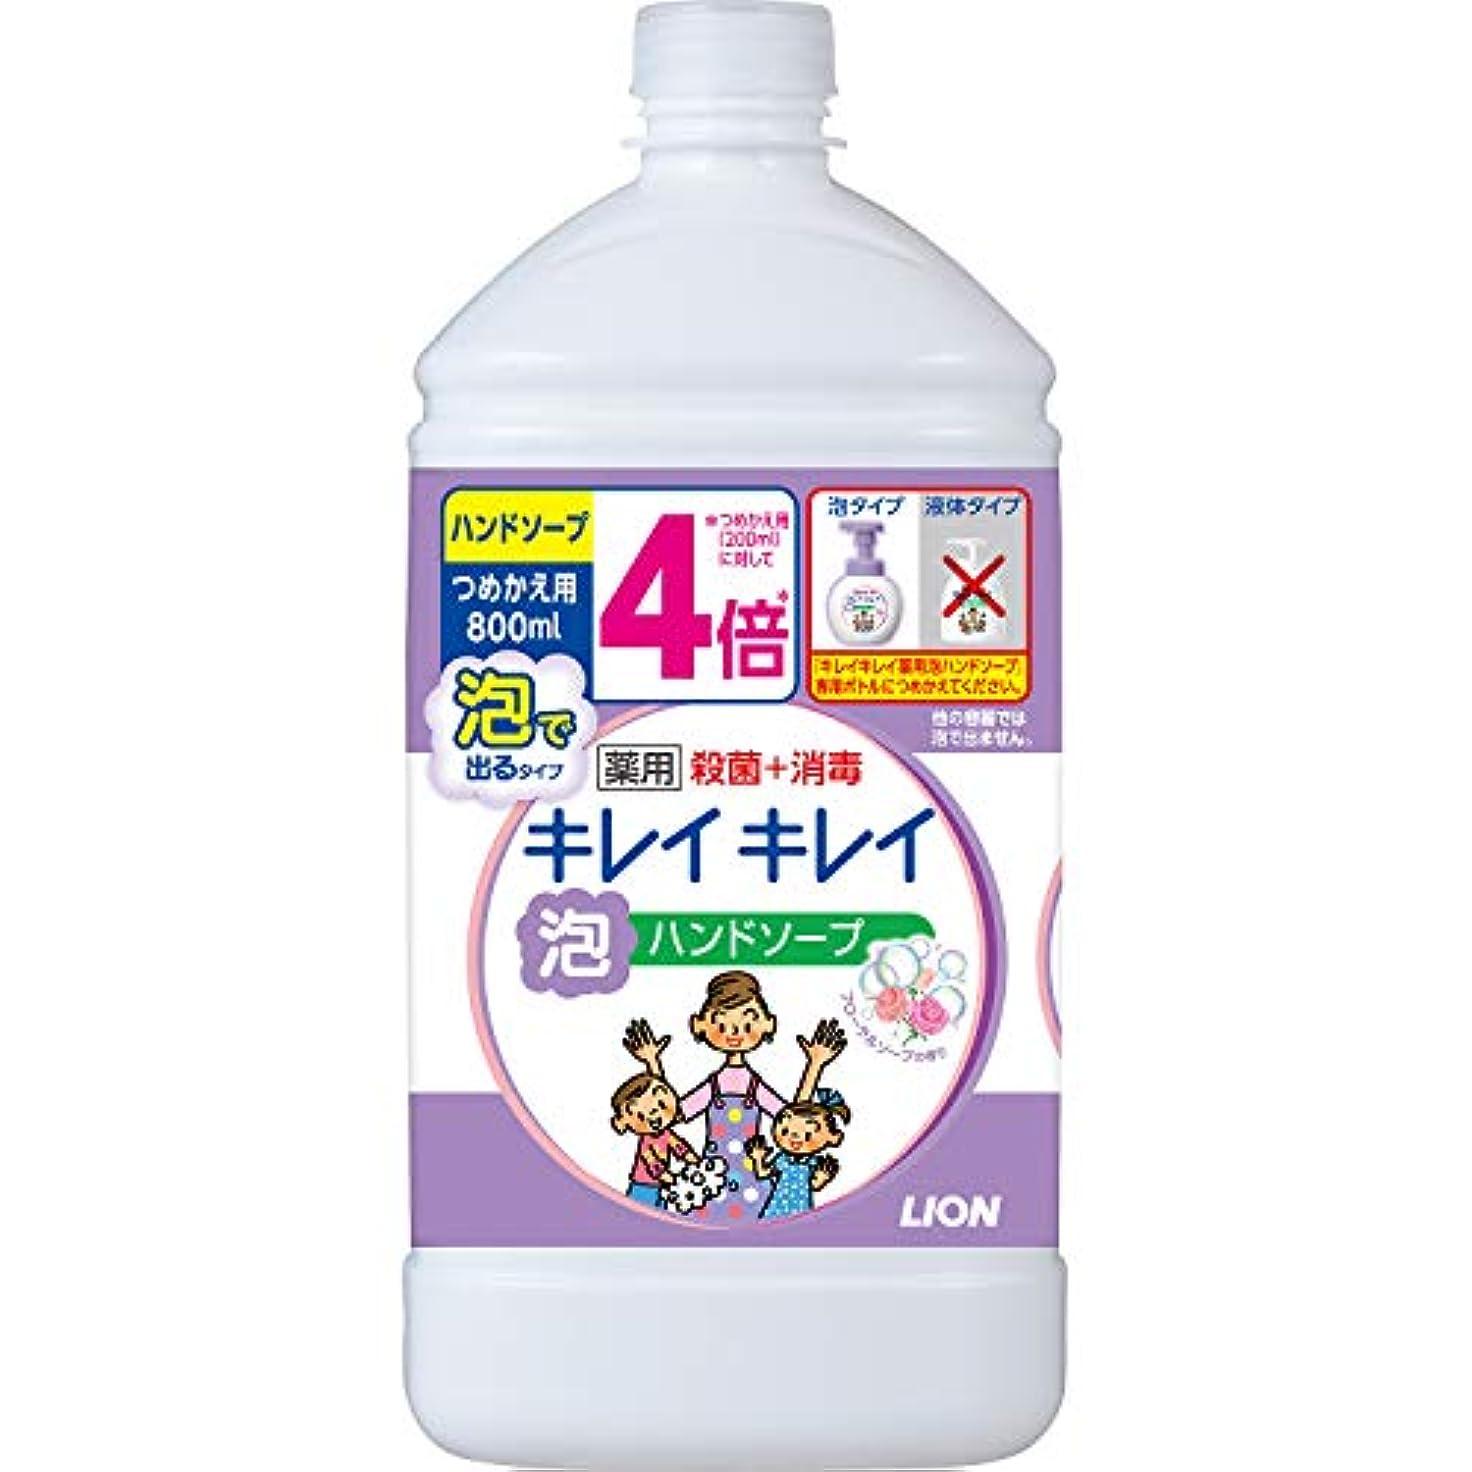 アテンダントラボ装置(医薬部外品)【大容量】キレイキレイ 薬用 泡ハンドソープ フローラルソープの香り 詰め替え 特大 800ml